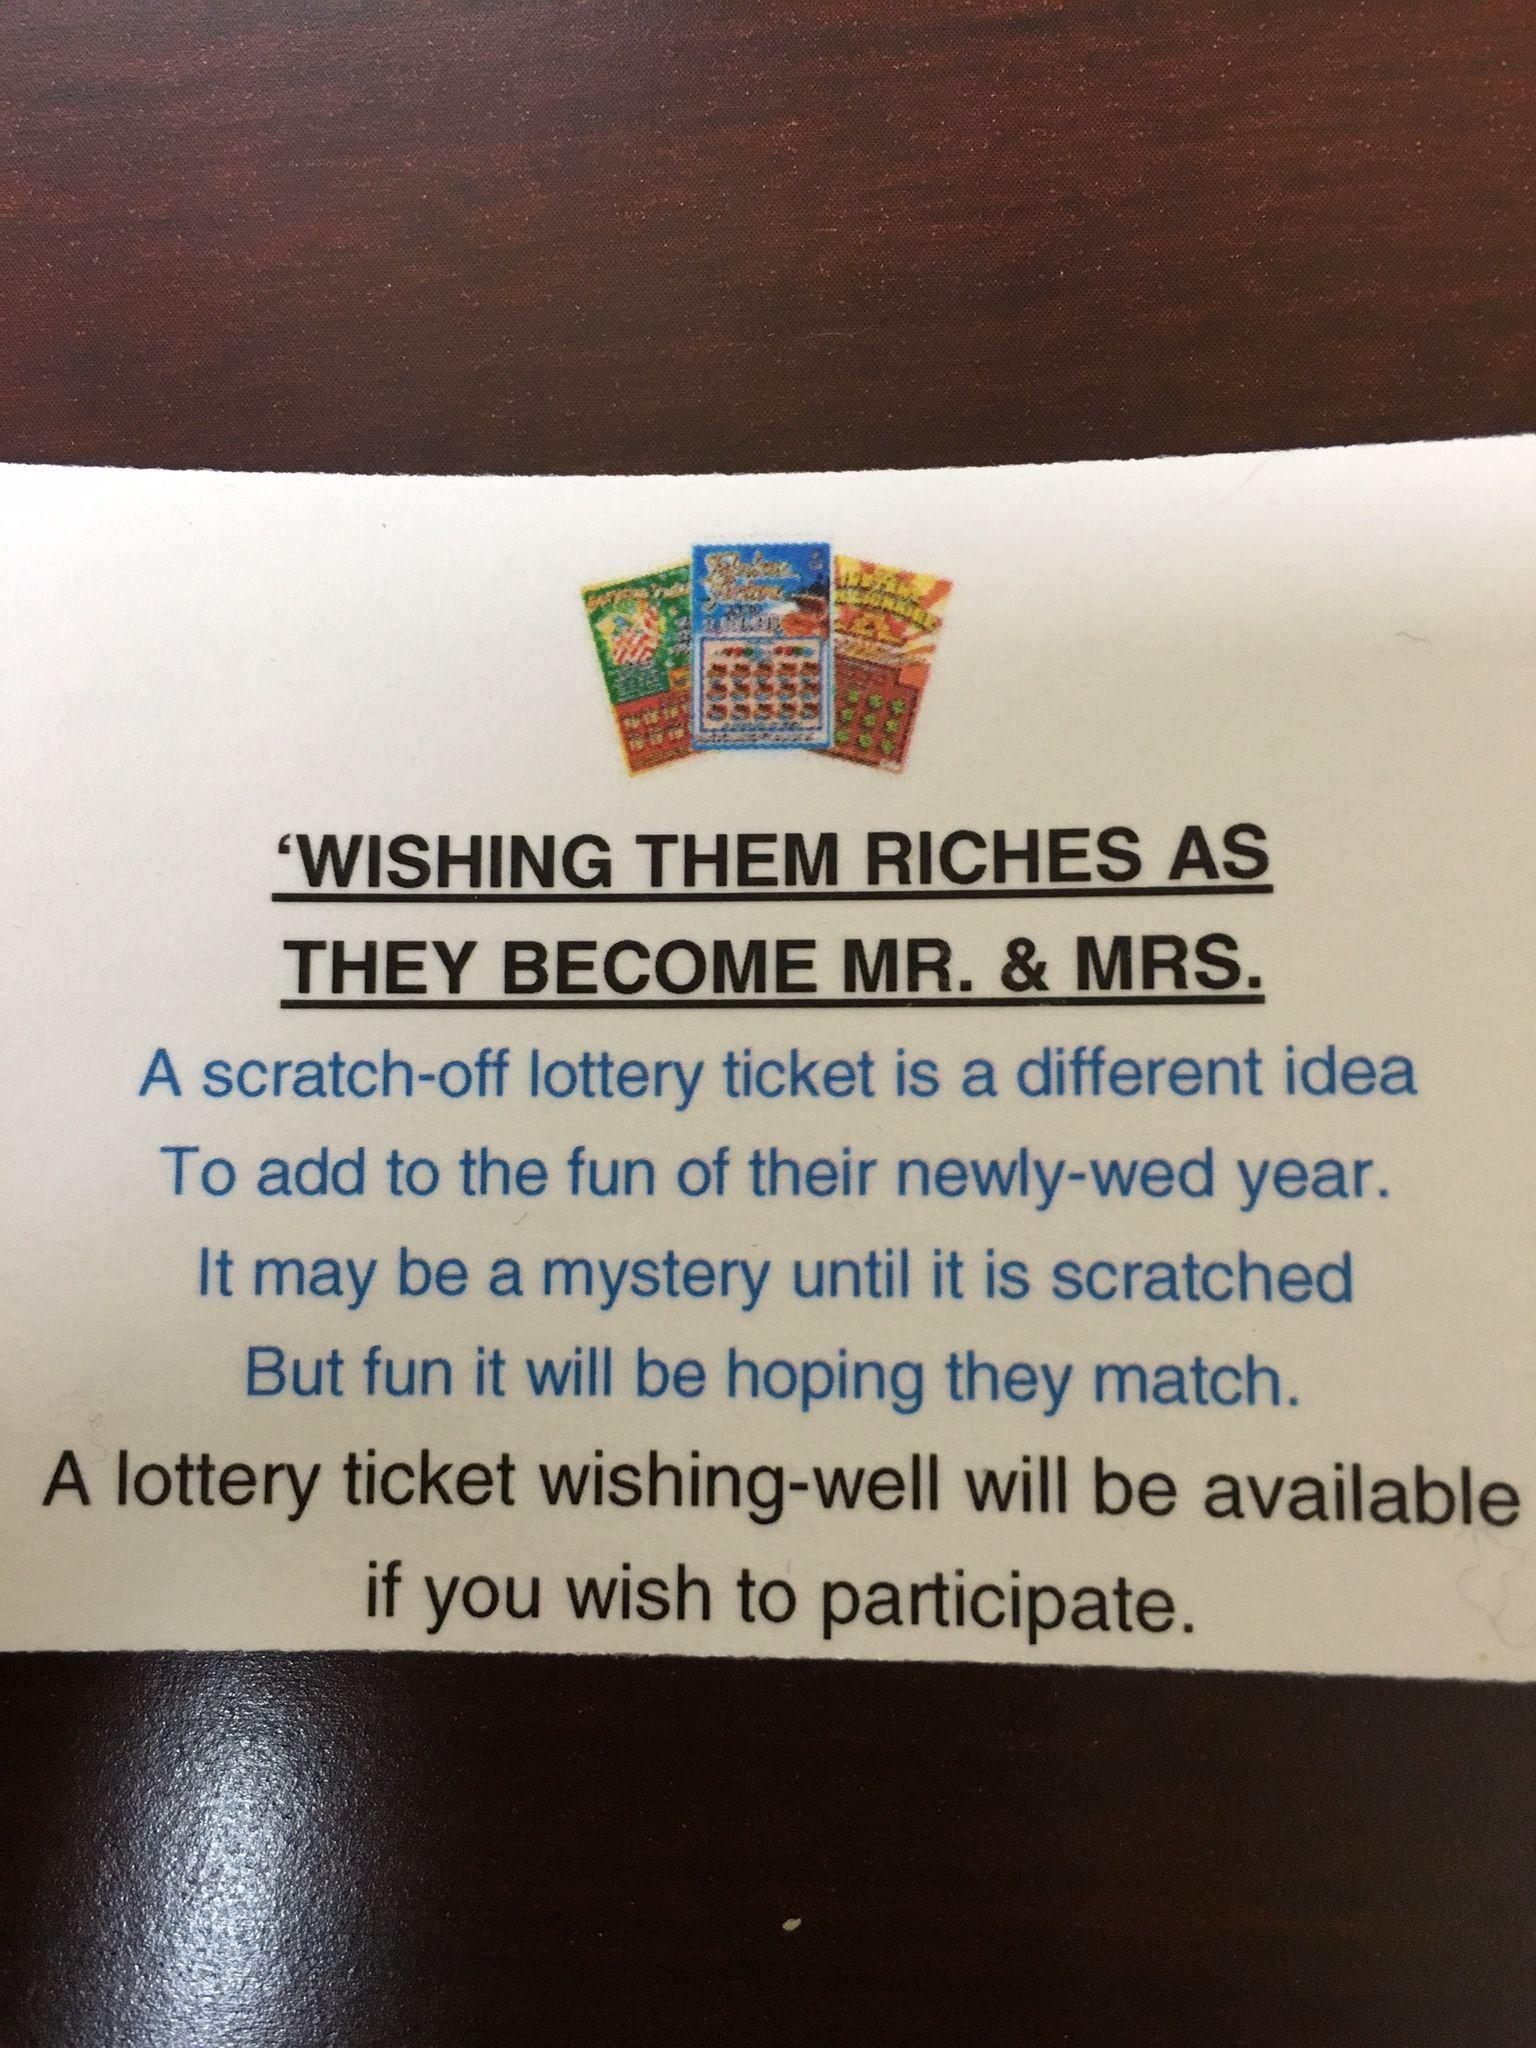 Lottery ticket wishing well idea so